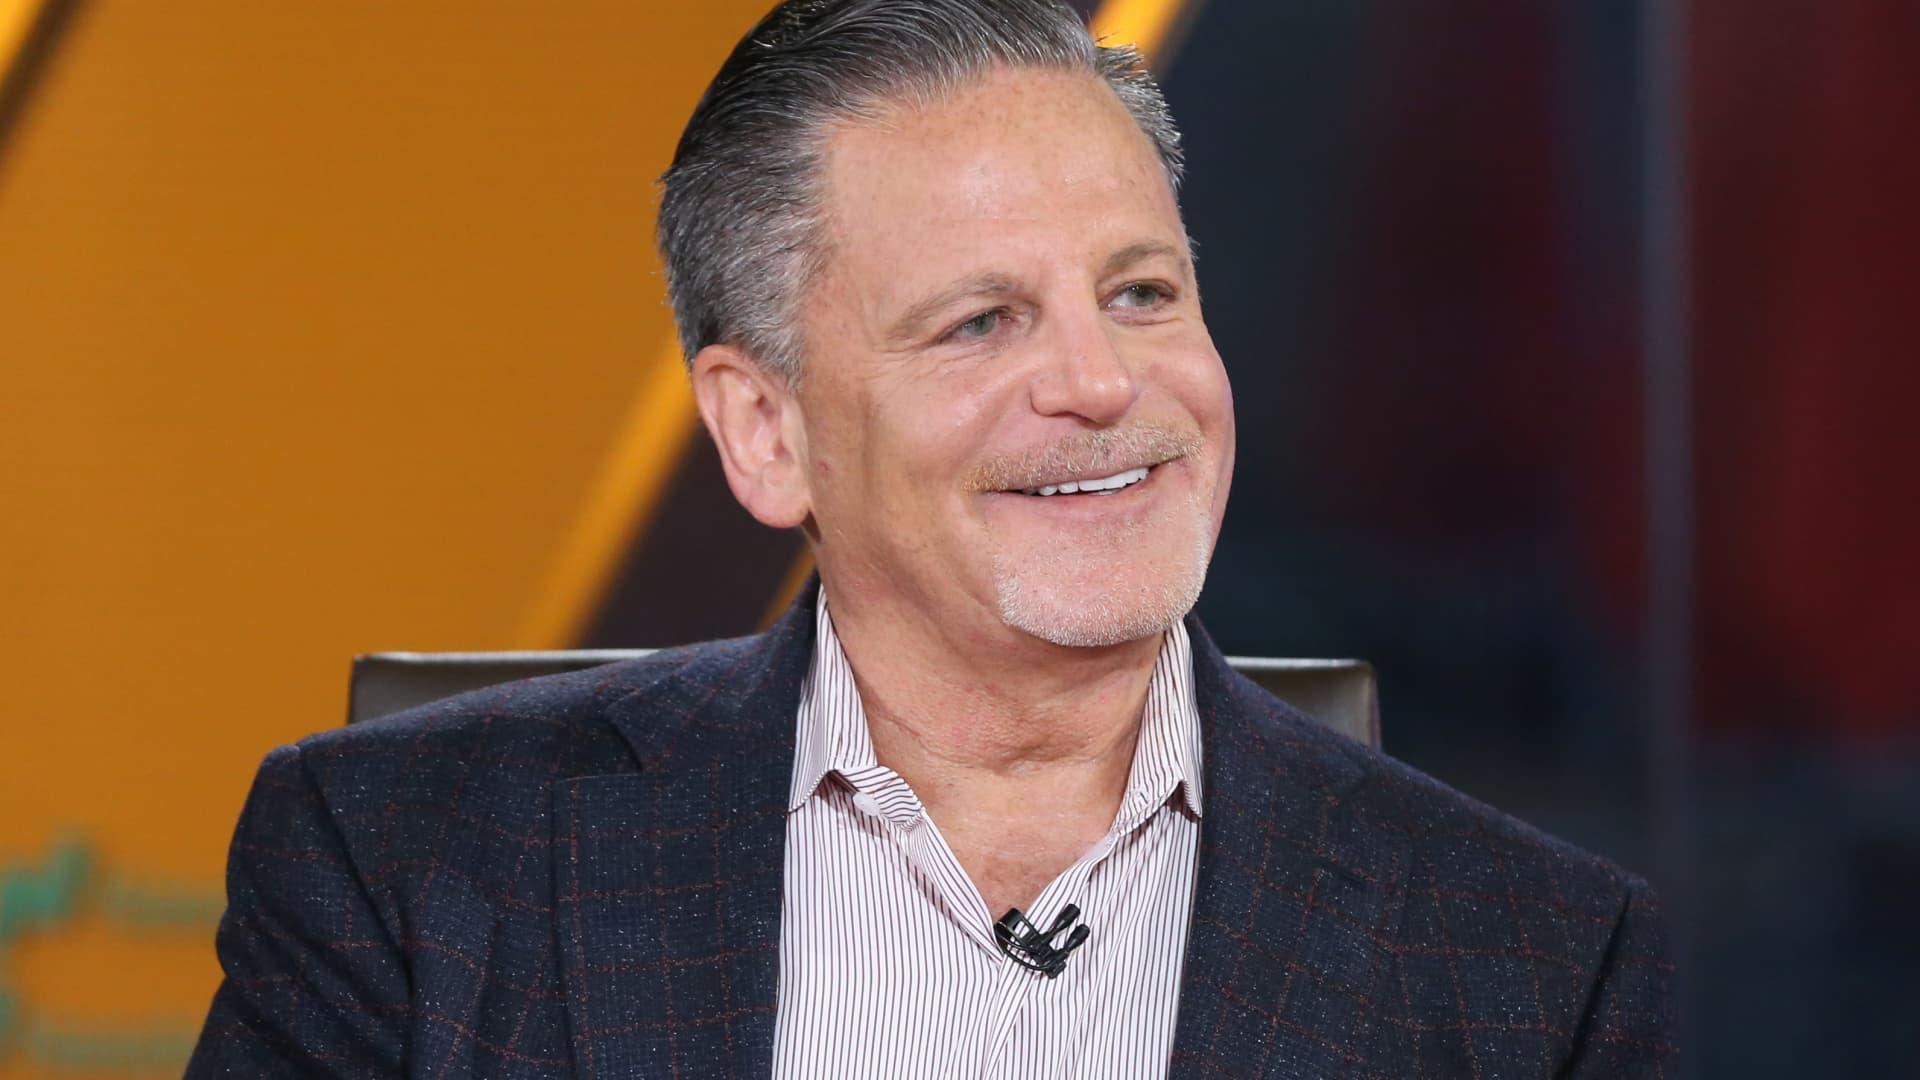 Dan Gilbert, CEO, Quicken Loans